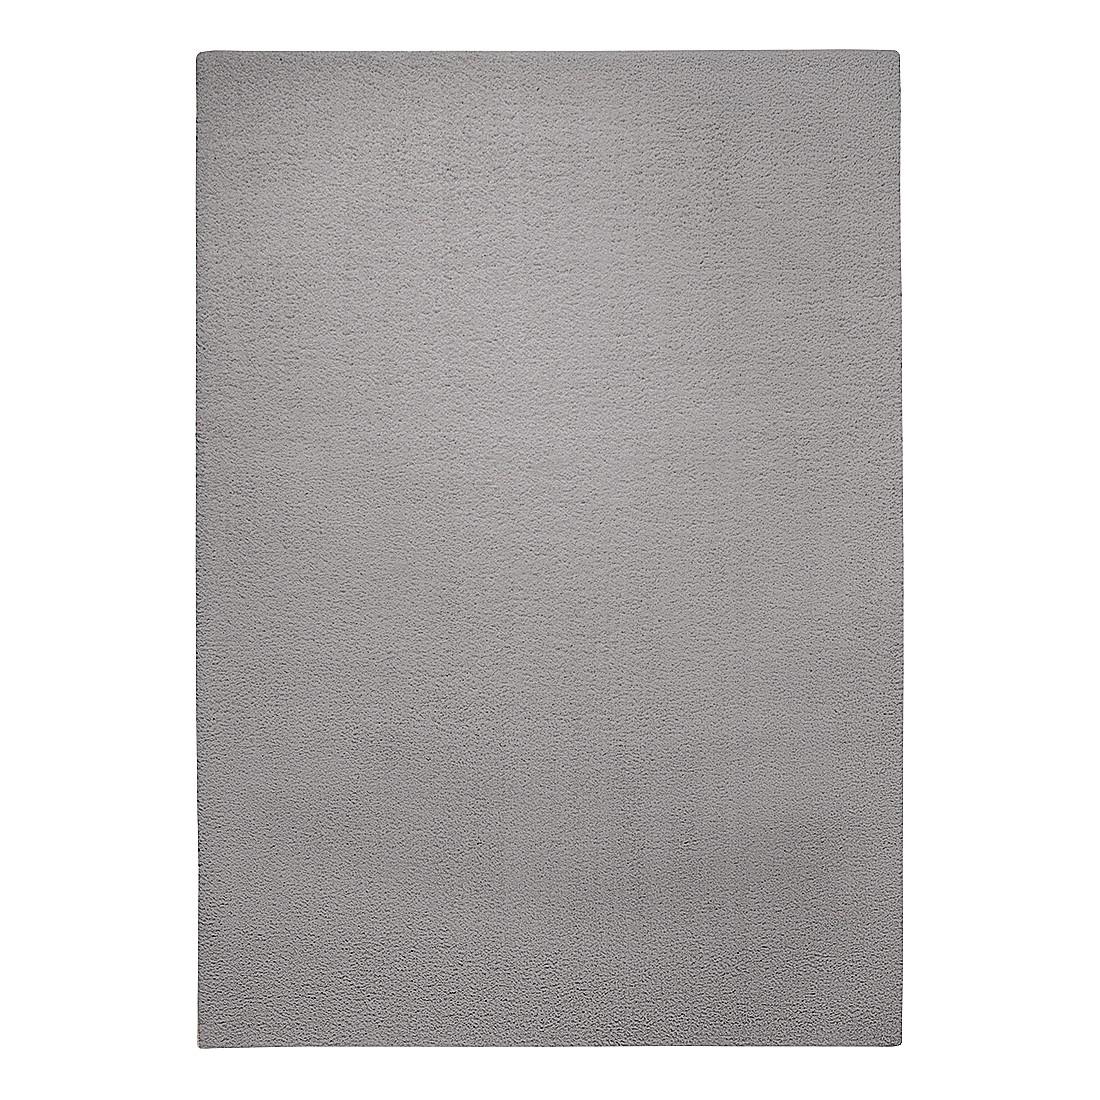 Home 24 - Tapis chill glamour - fibres synthétiques - gris argenté - 120 x 170 cm, esprit home